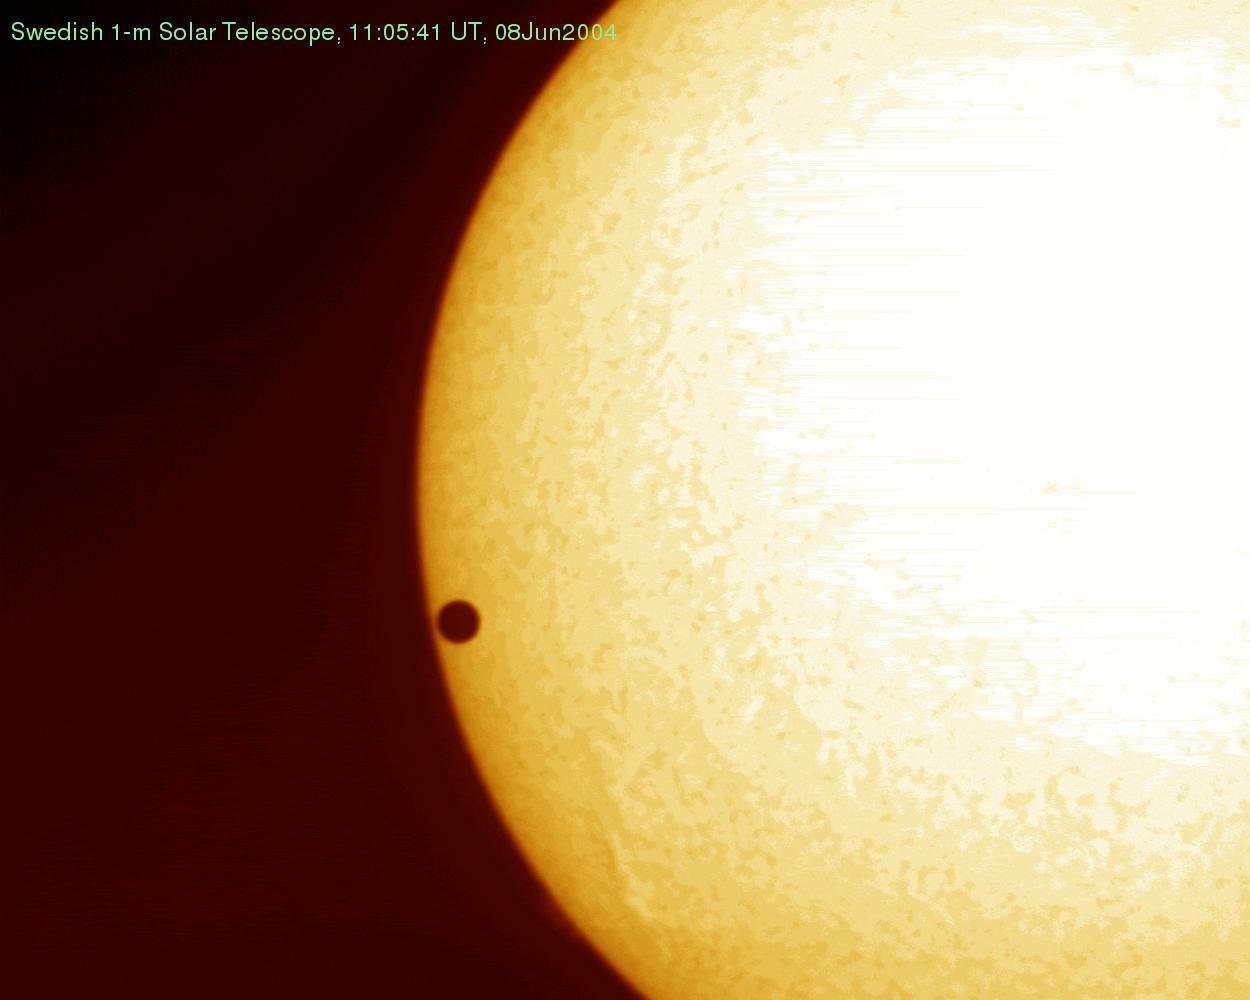 Venus - halpha_im08Jun2004.001035